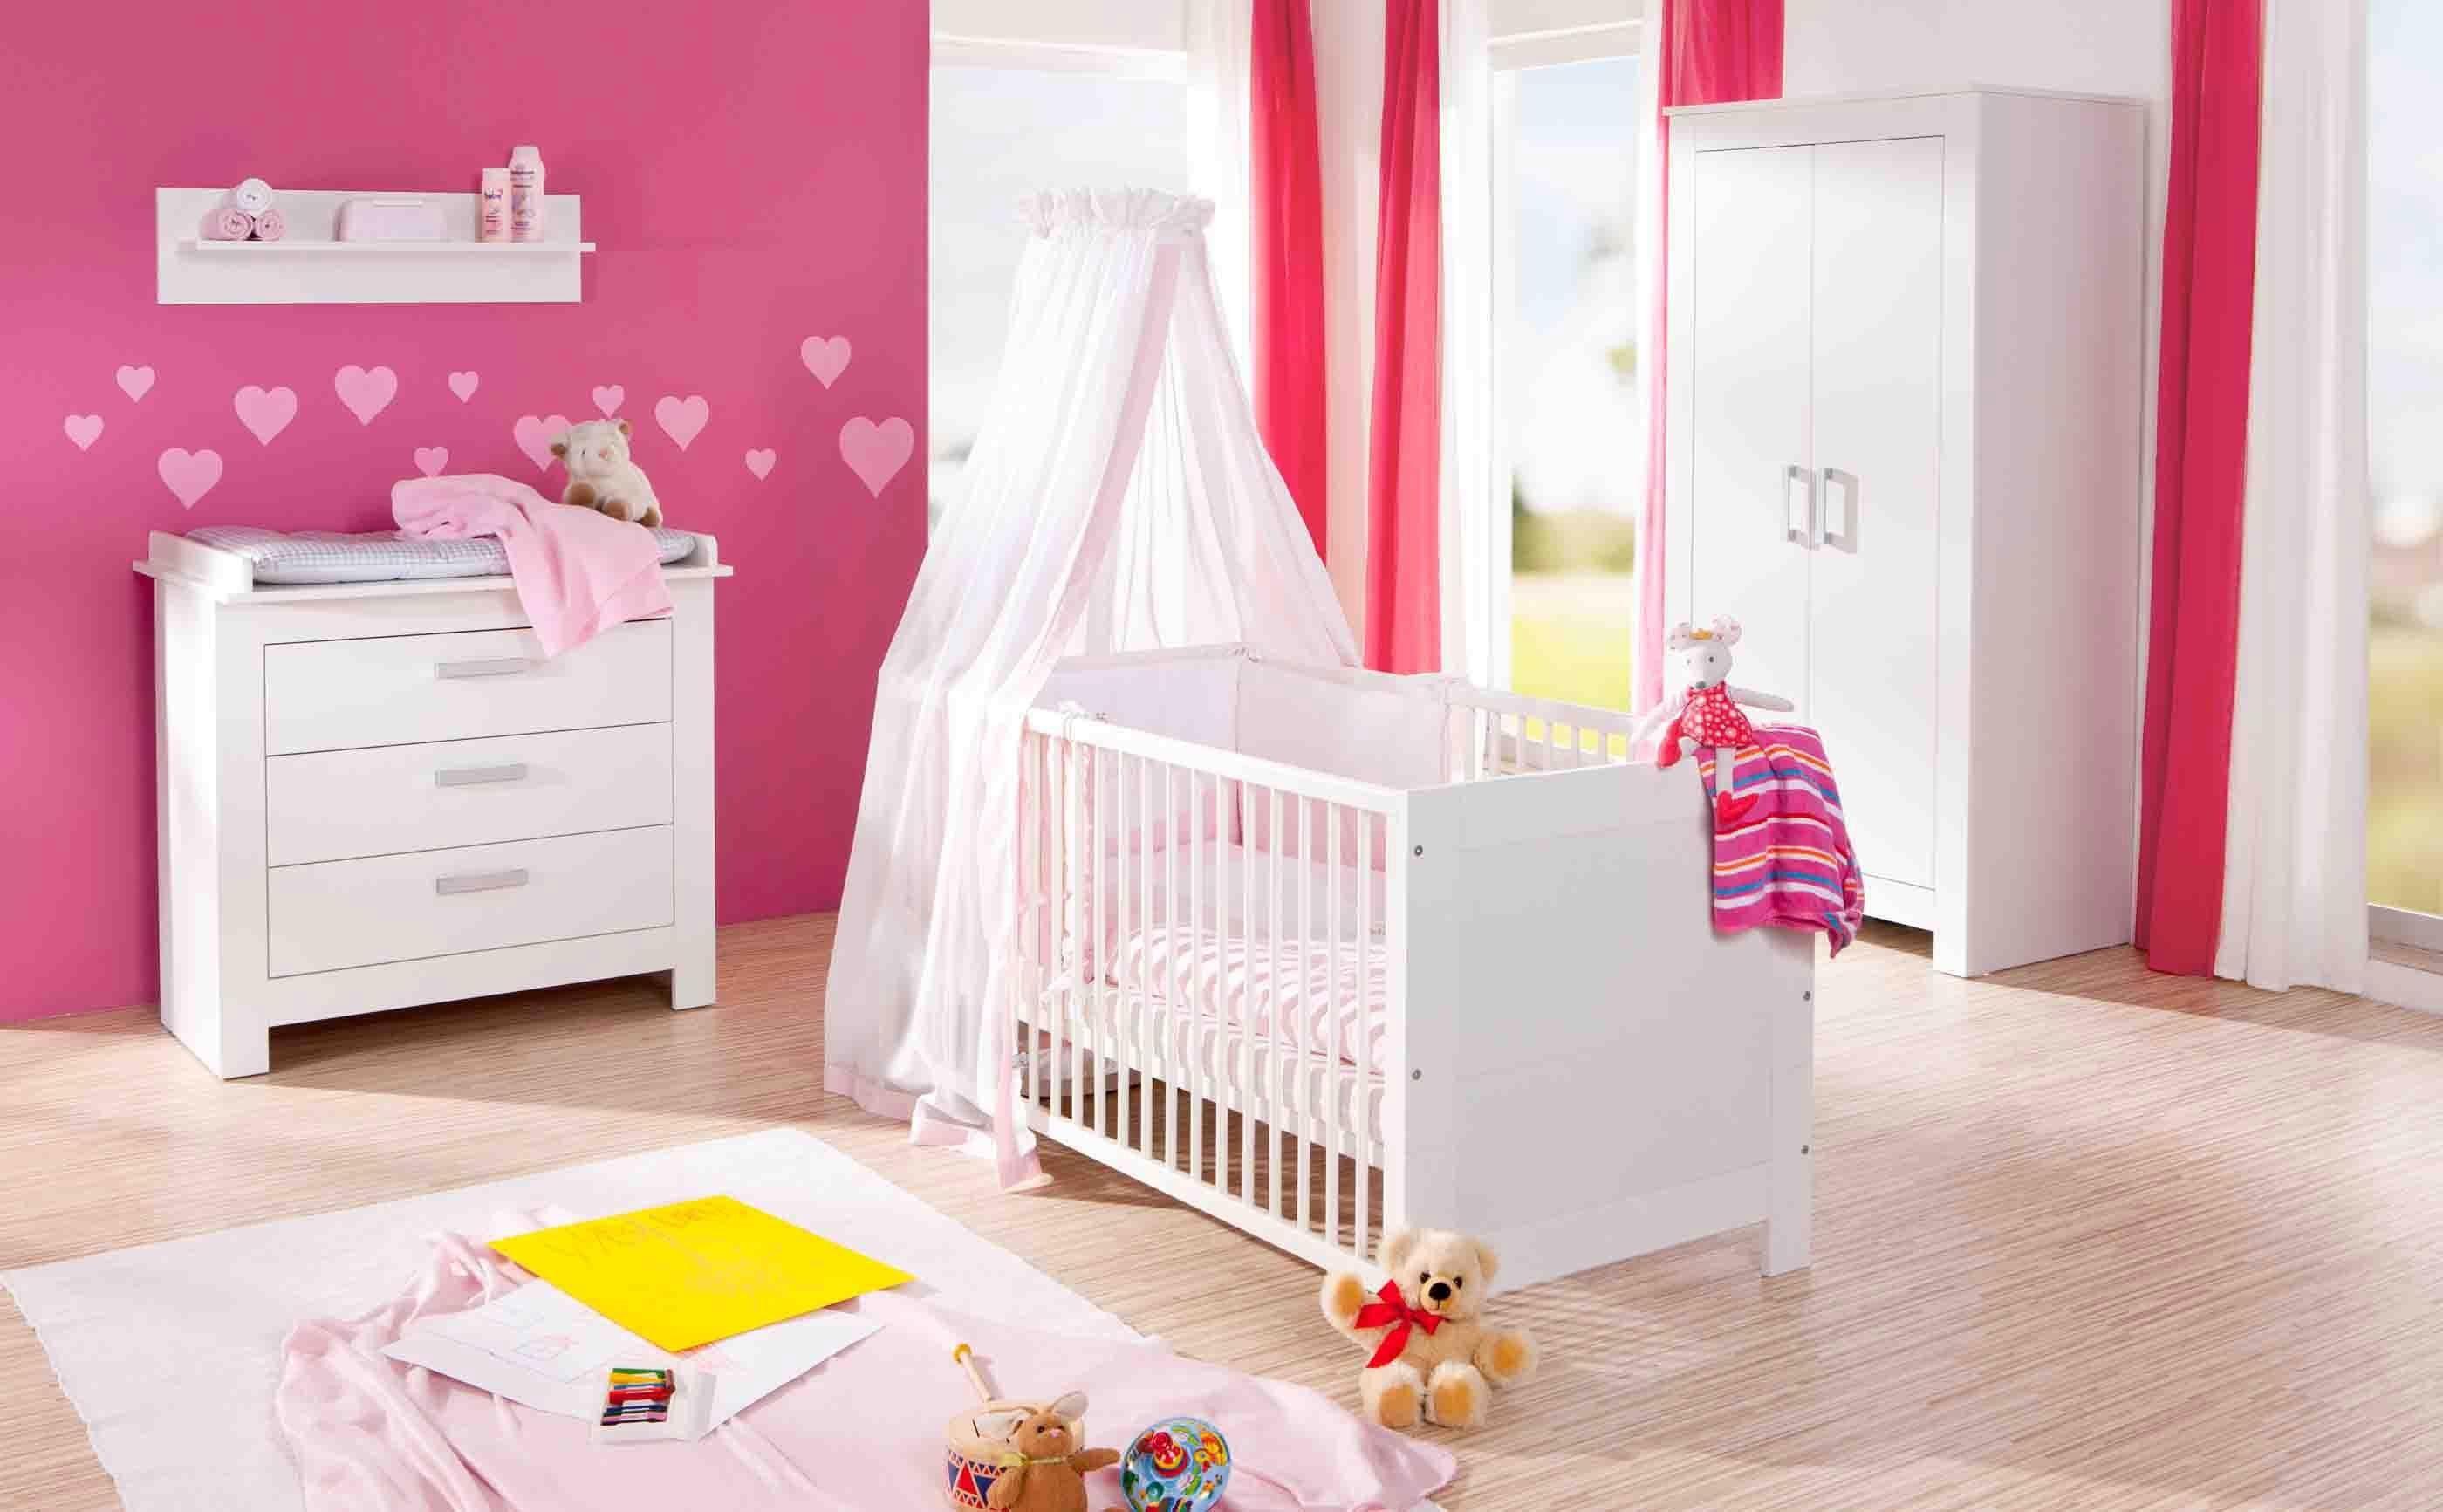 Geuther babyzimmer set tlg kinderzimmer mit trg schrank